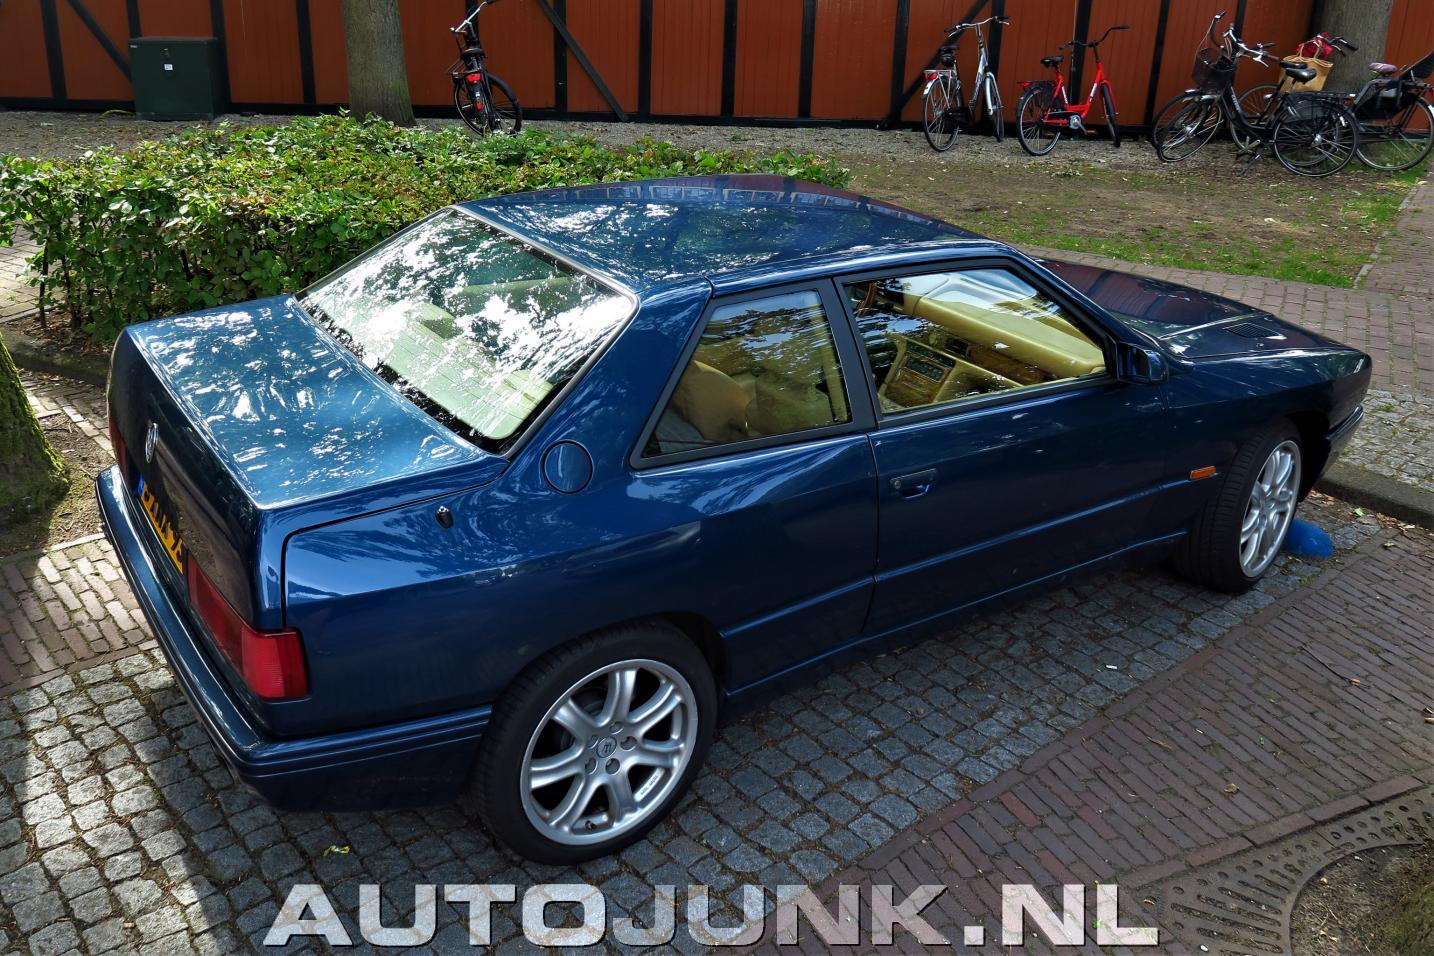 Maserati Ghibli II foto's » Autojunk.nl (224910)